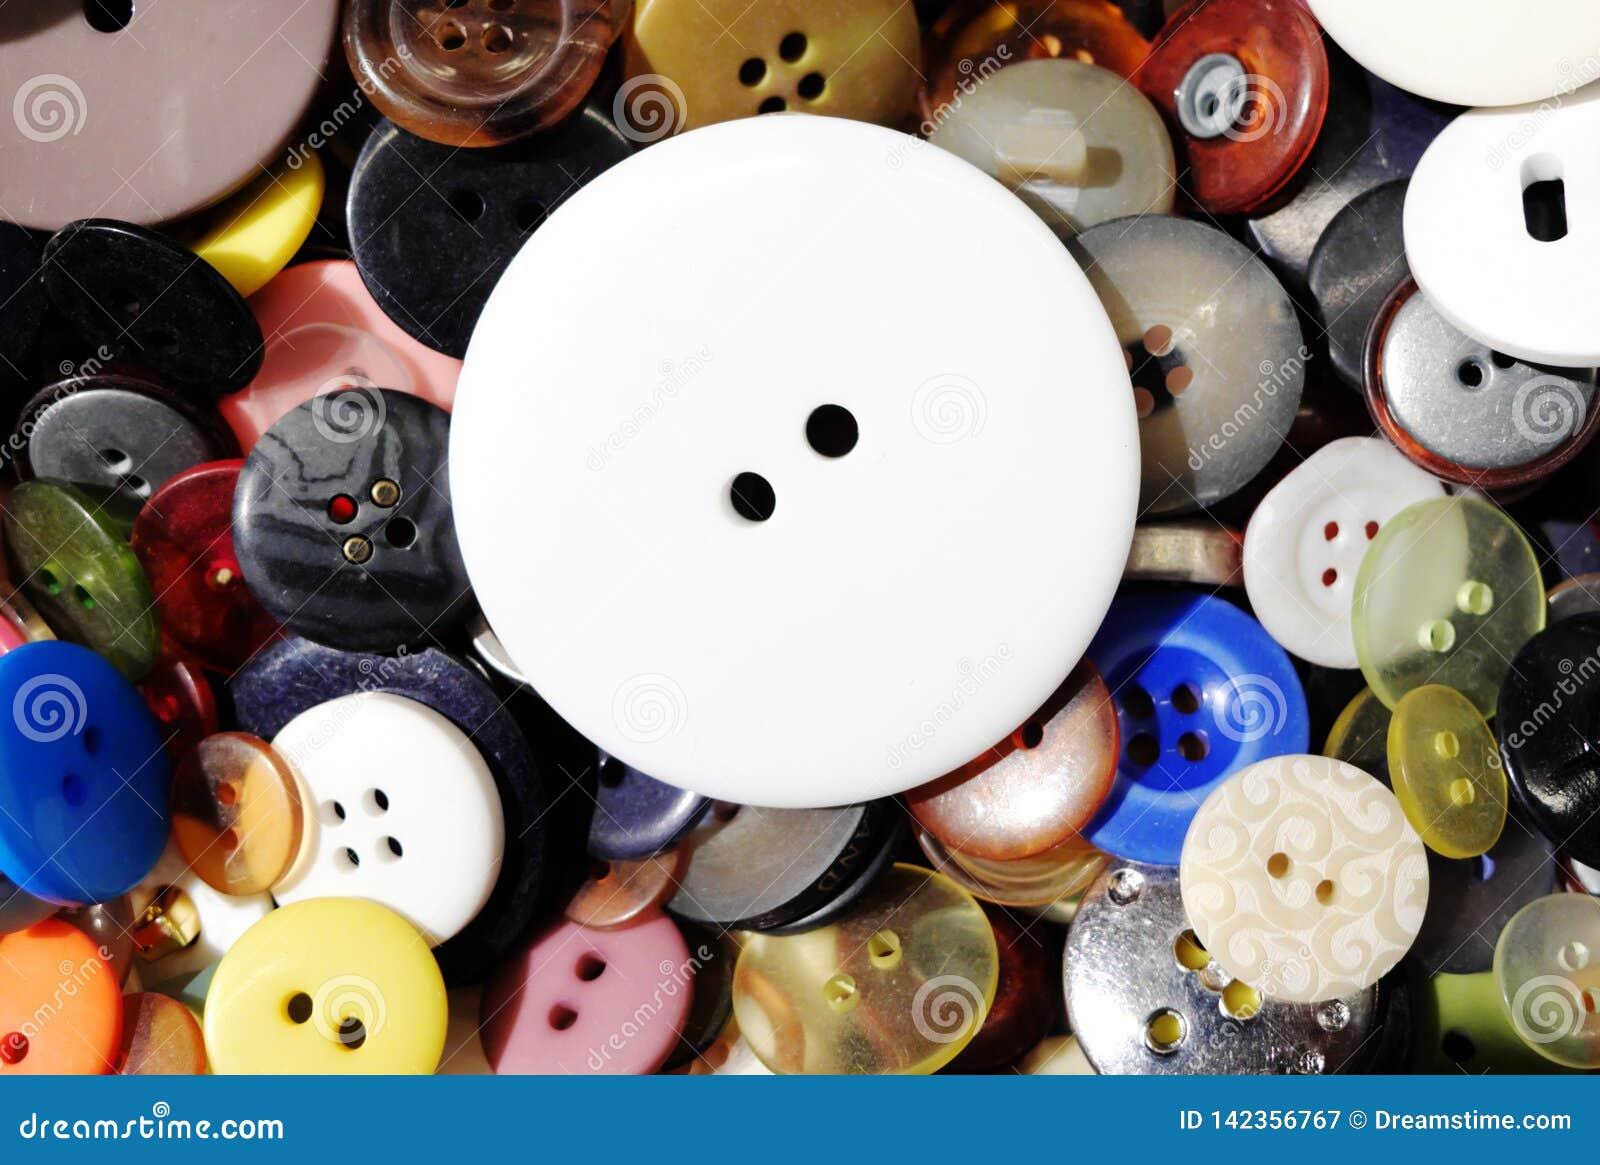 Grand bouton blanc s étendant sur d autres plus petits boutons colorés